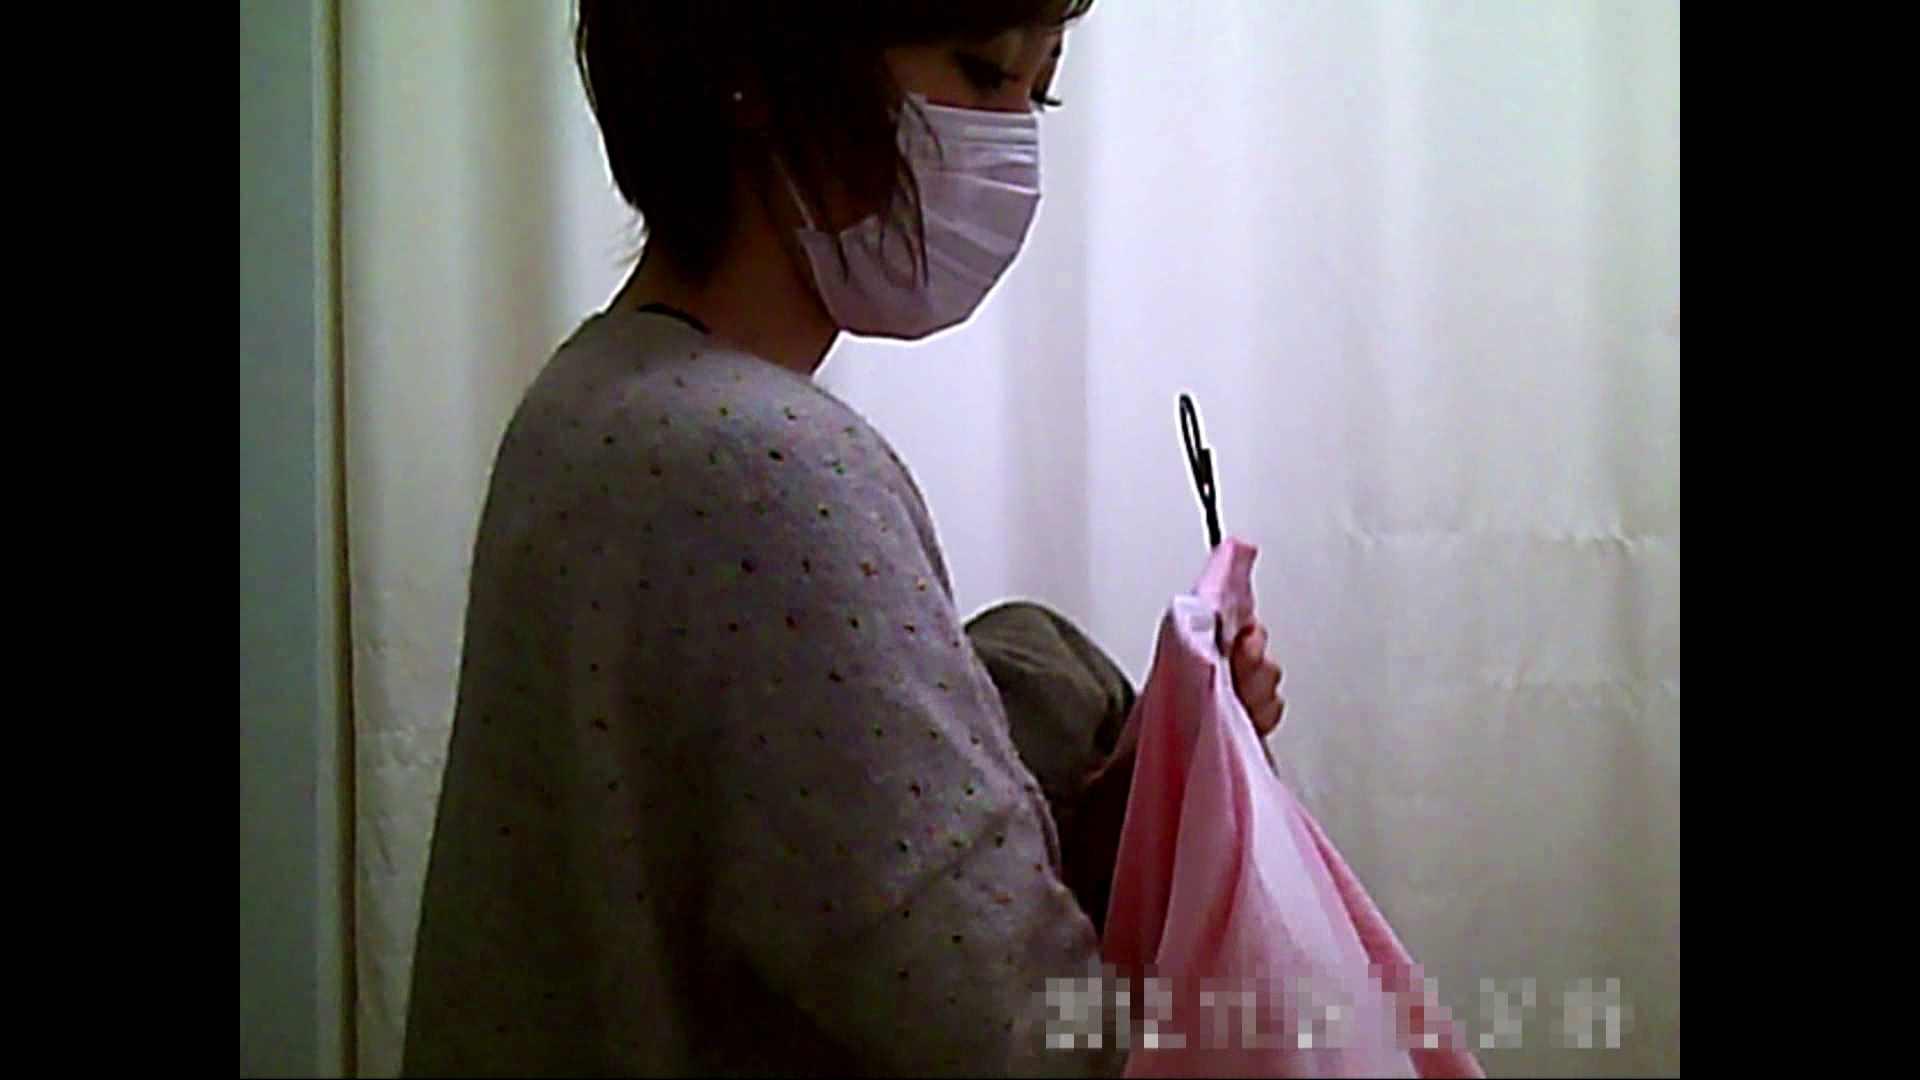 元医者による反抗 更衣室地獄絵巻 vol.281 OLハメ撮り  100Pix 79